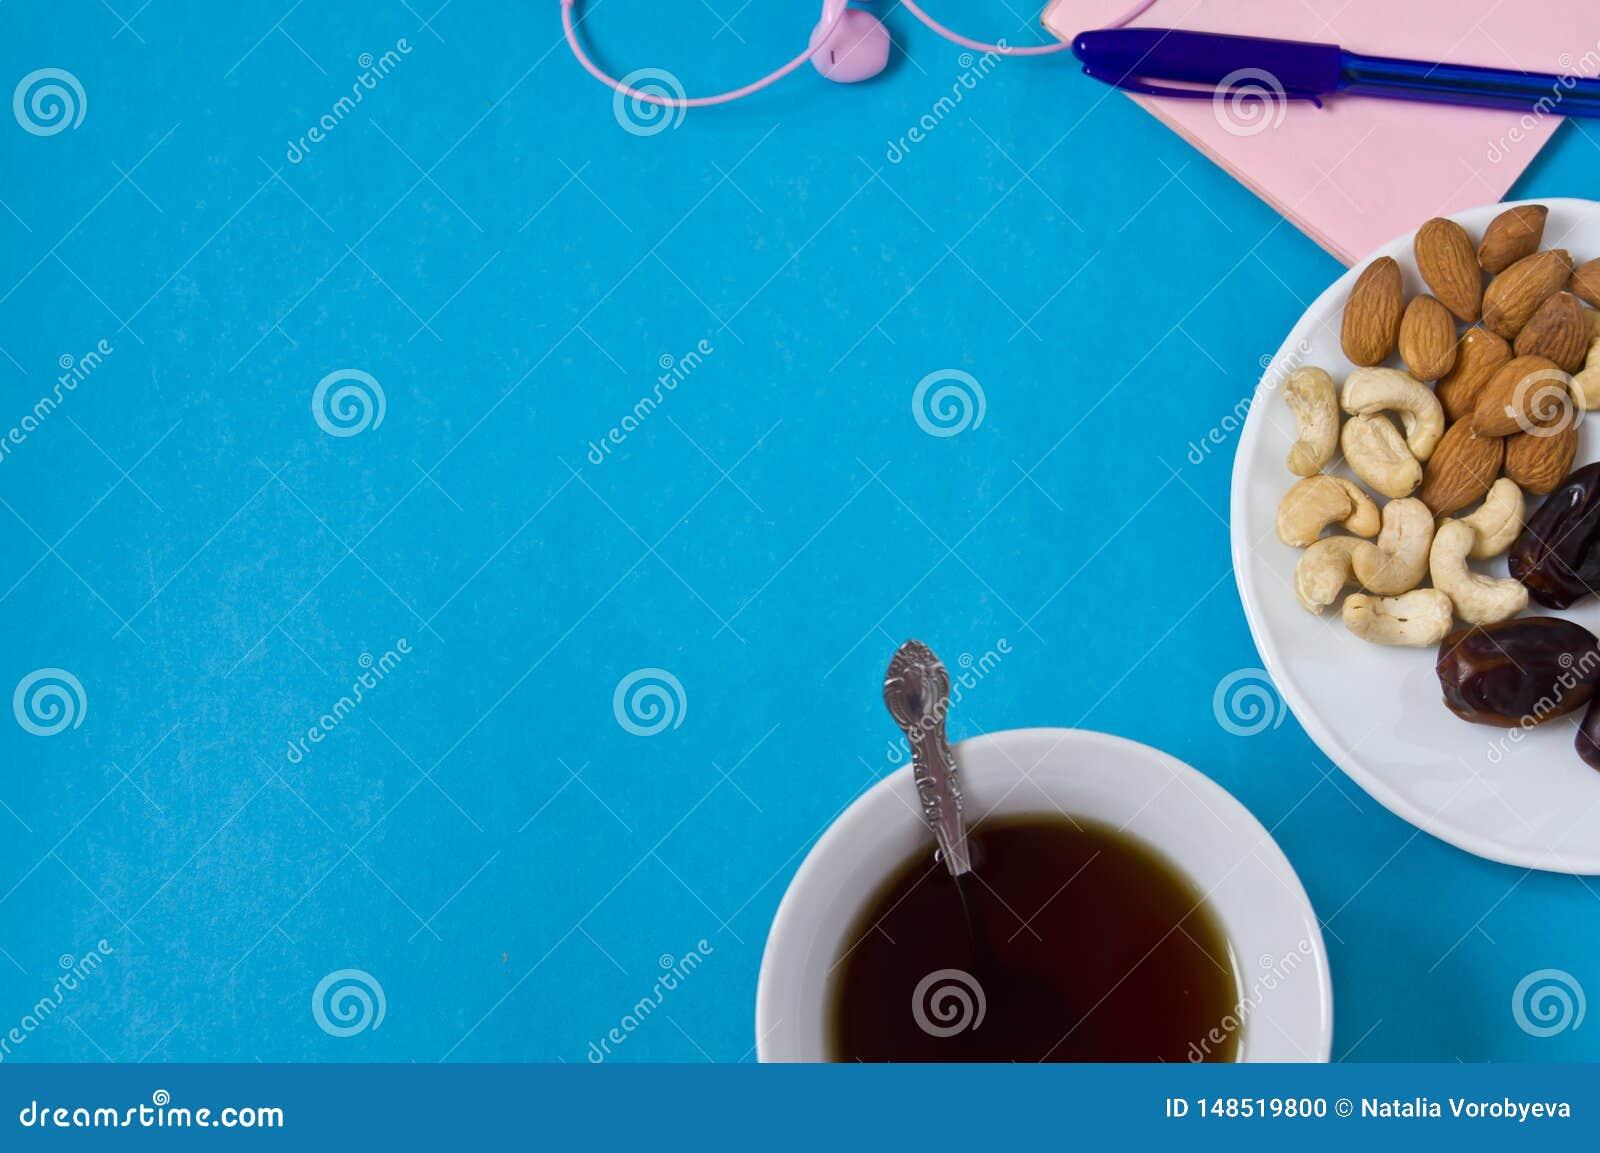 Cuaderno, pluma, flores, platillo con las frutas secadas en un fondo azul, el lugar de trabajo de las mujeres